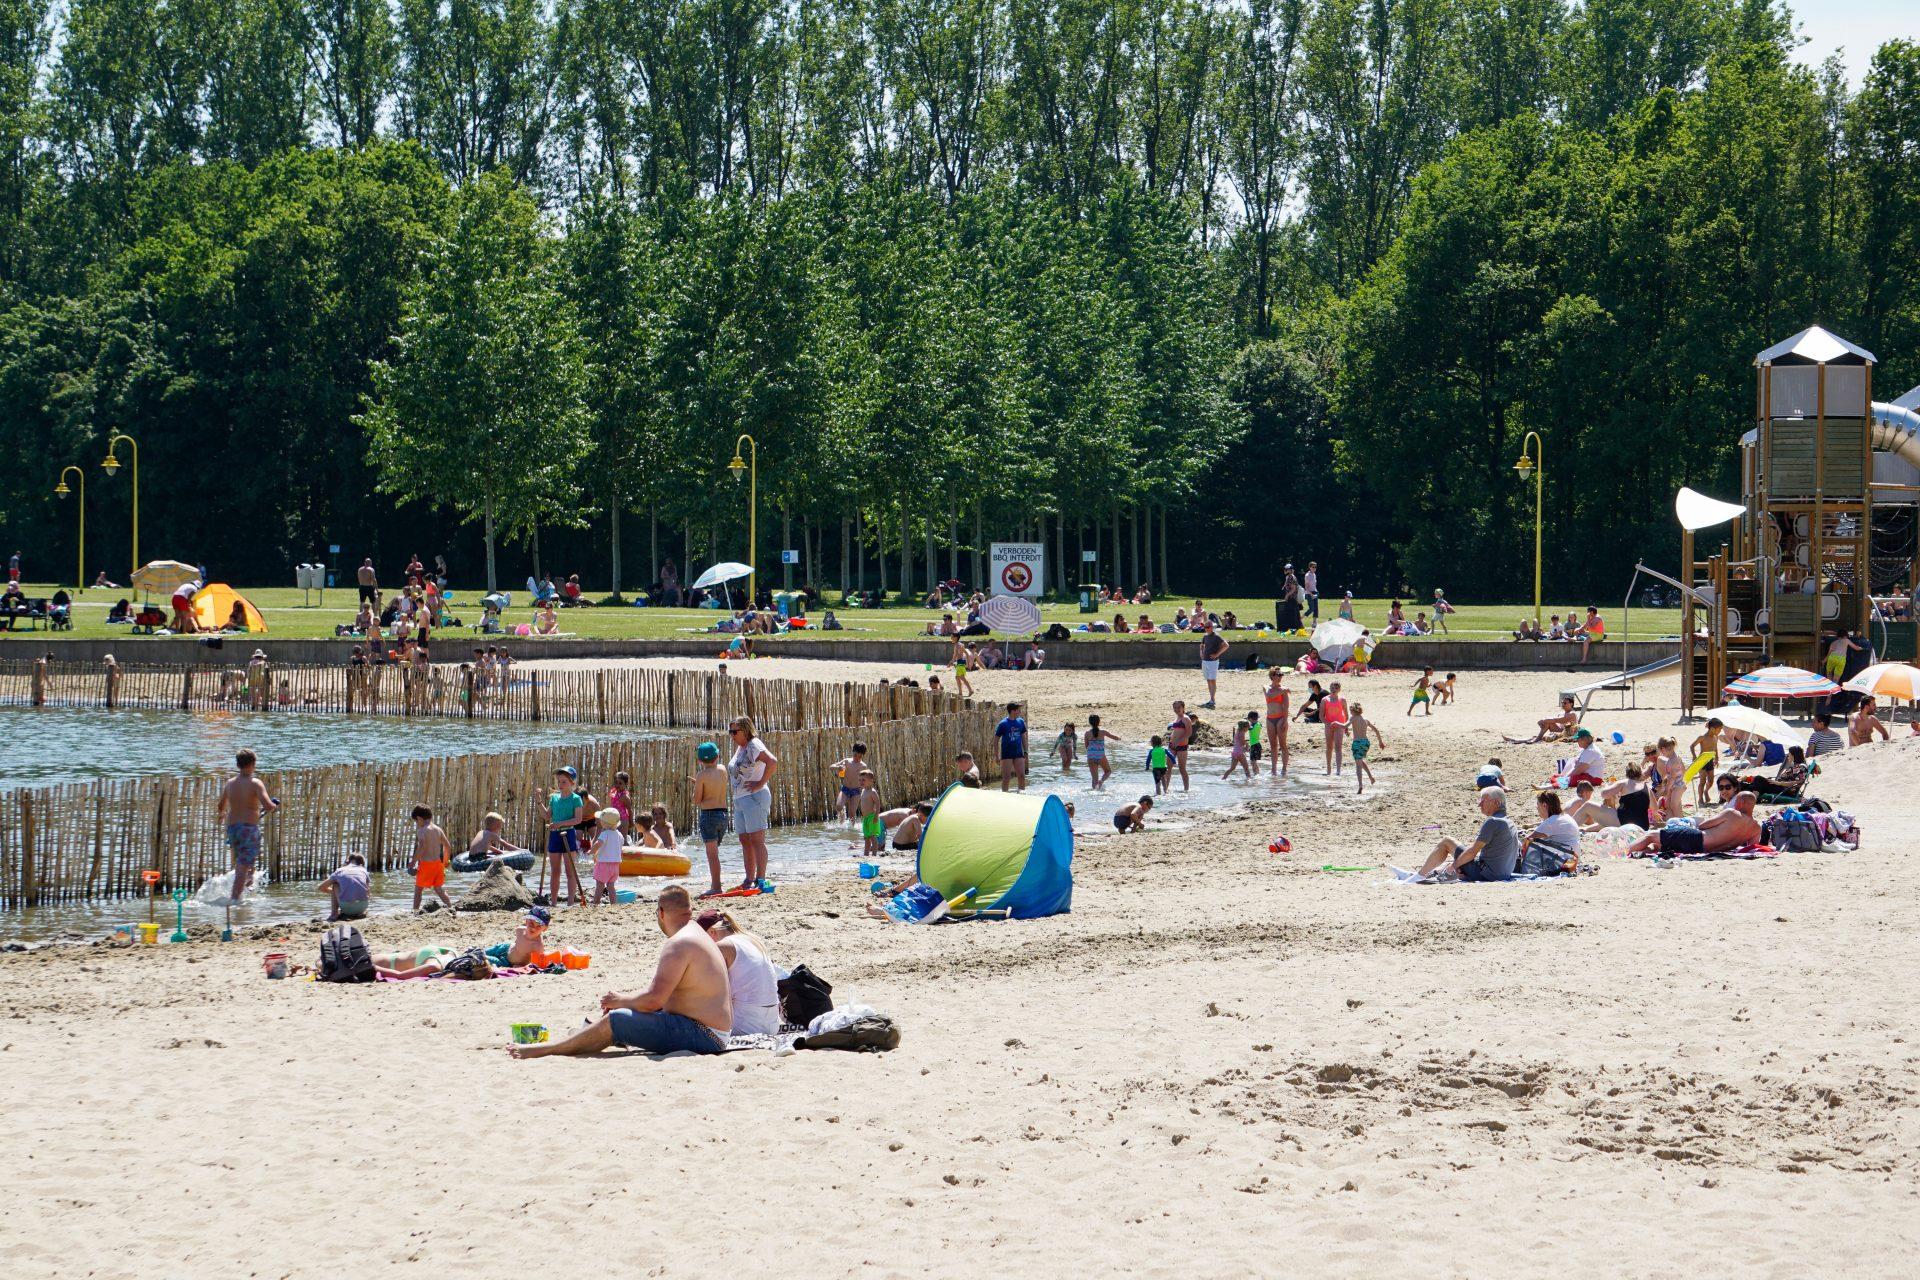 Oost-Vlaamse recreatiedomeinen blikken terug op een zomer vol beleving